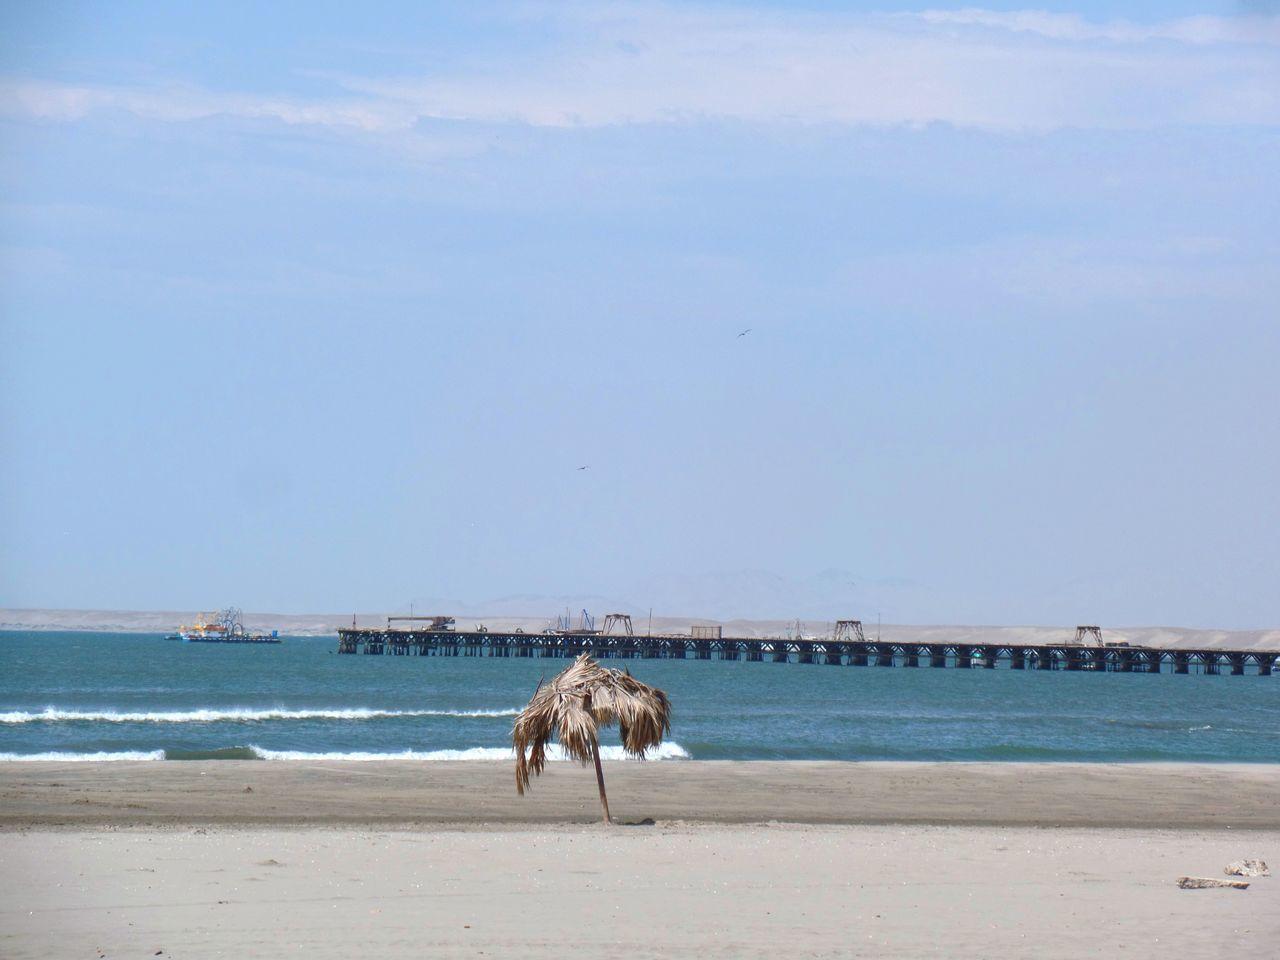 Puerto Chicama en Malabrigo, Ascope, La Libertad, Perú. Arena Beach Coast Dock Landscape Malabrigo  Mar Muelle Oceano Pacifico Pacific Ocean Peru Peruvian Playa Port Puerto Sea